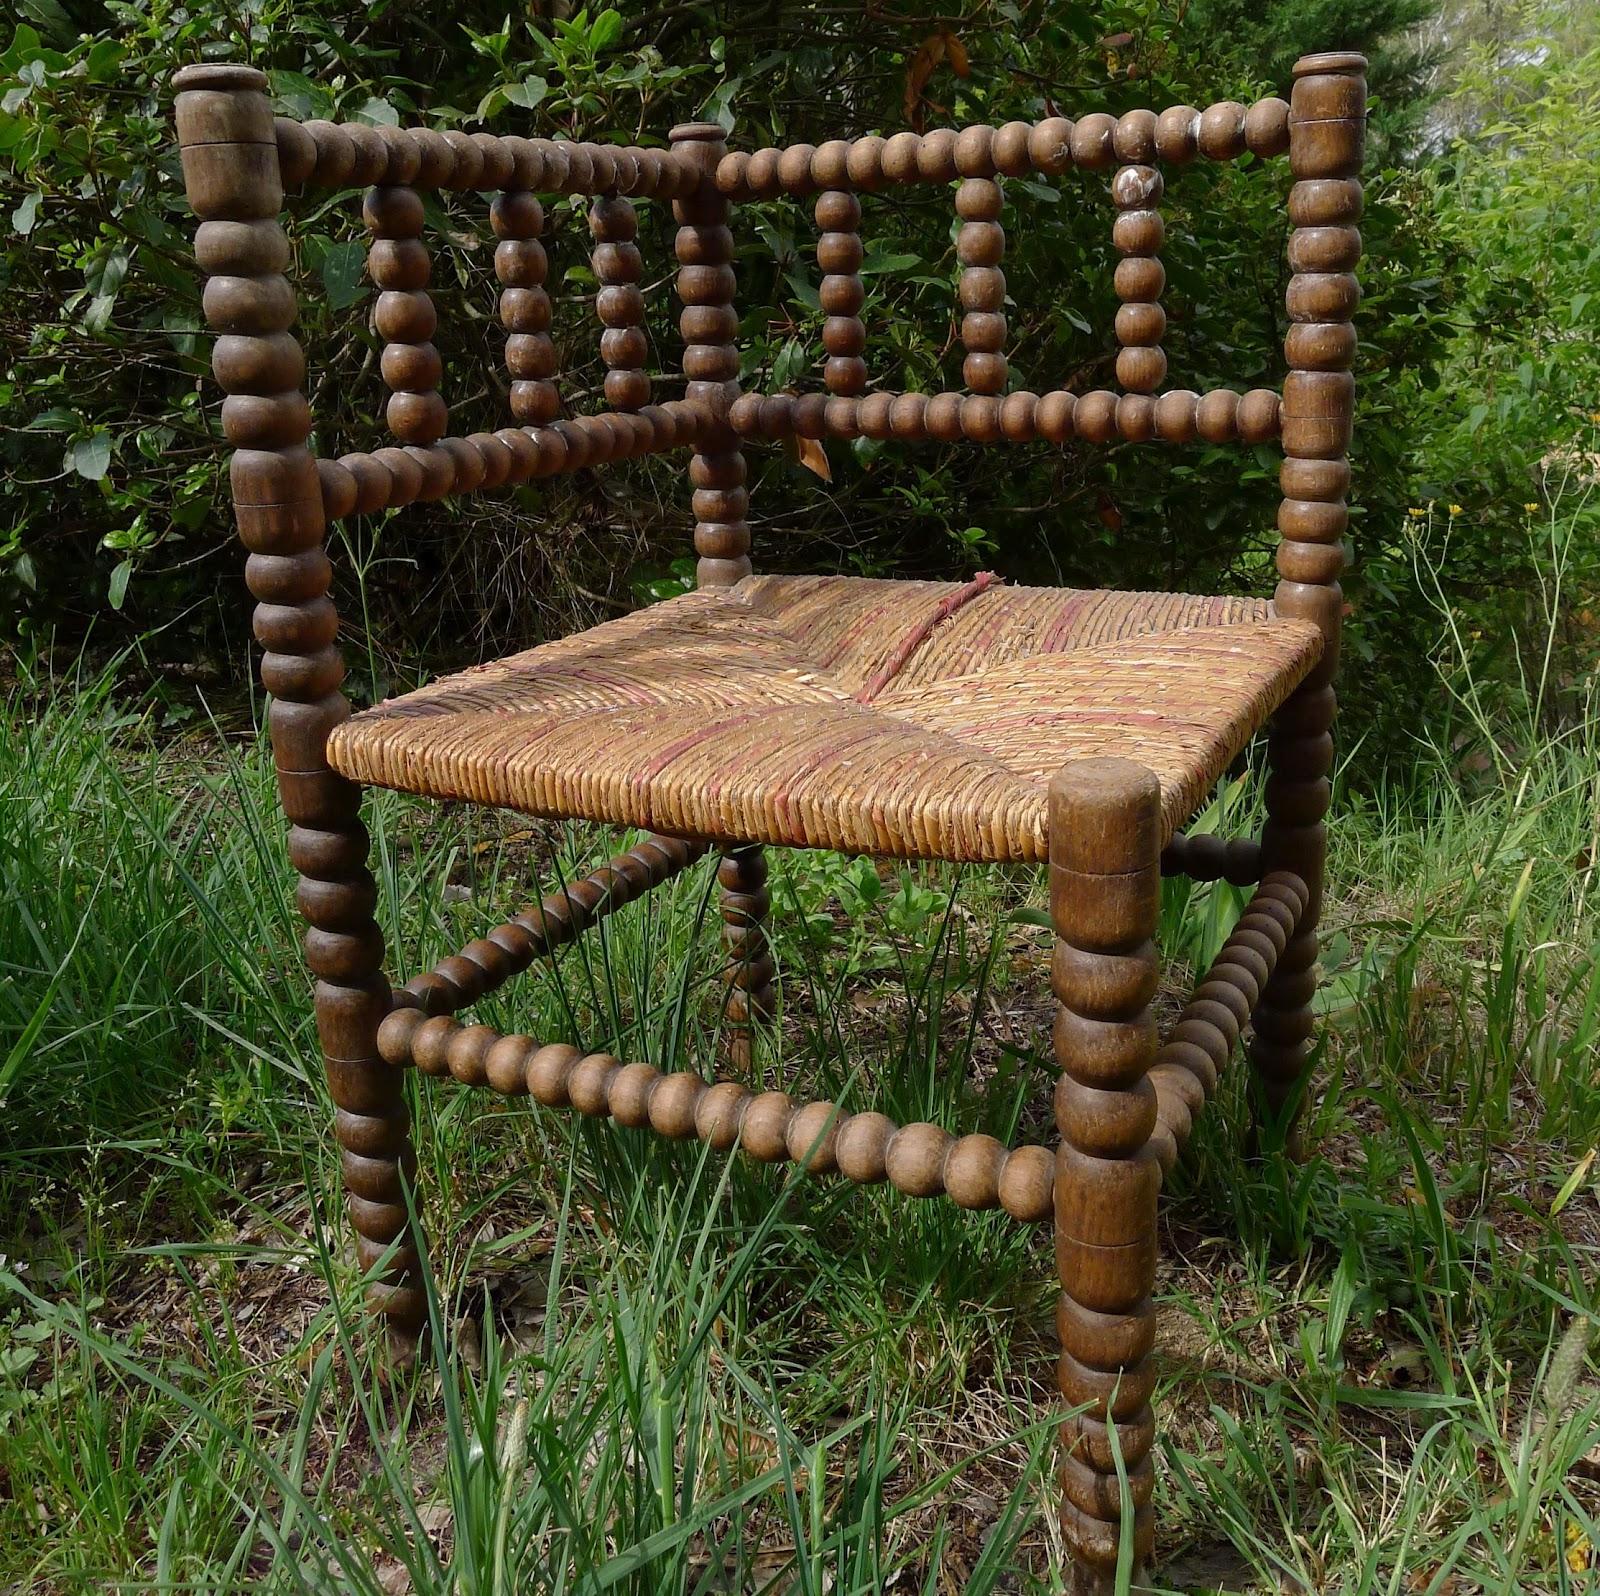 la biff jimmy achat chaise d 39 angle en bois originale. Black Bedroom Furniture Sets. Home Design Ideas